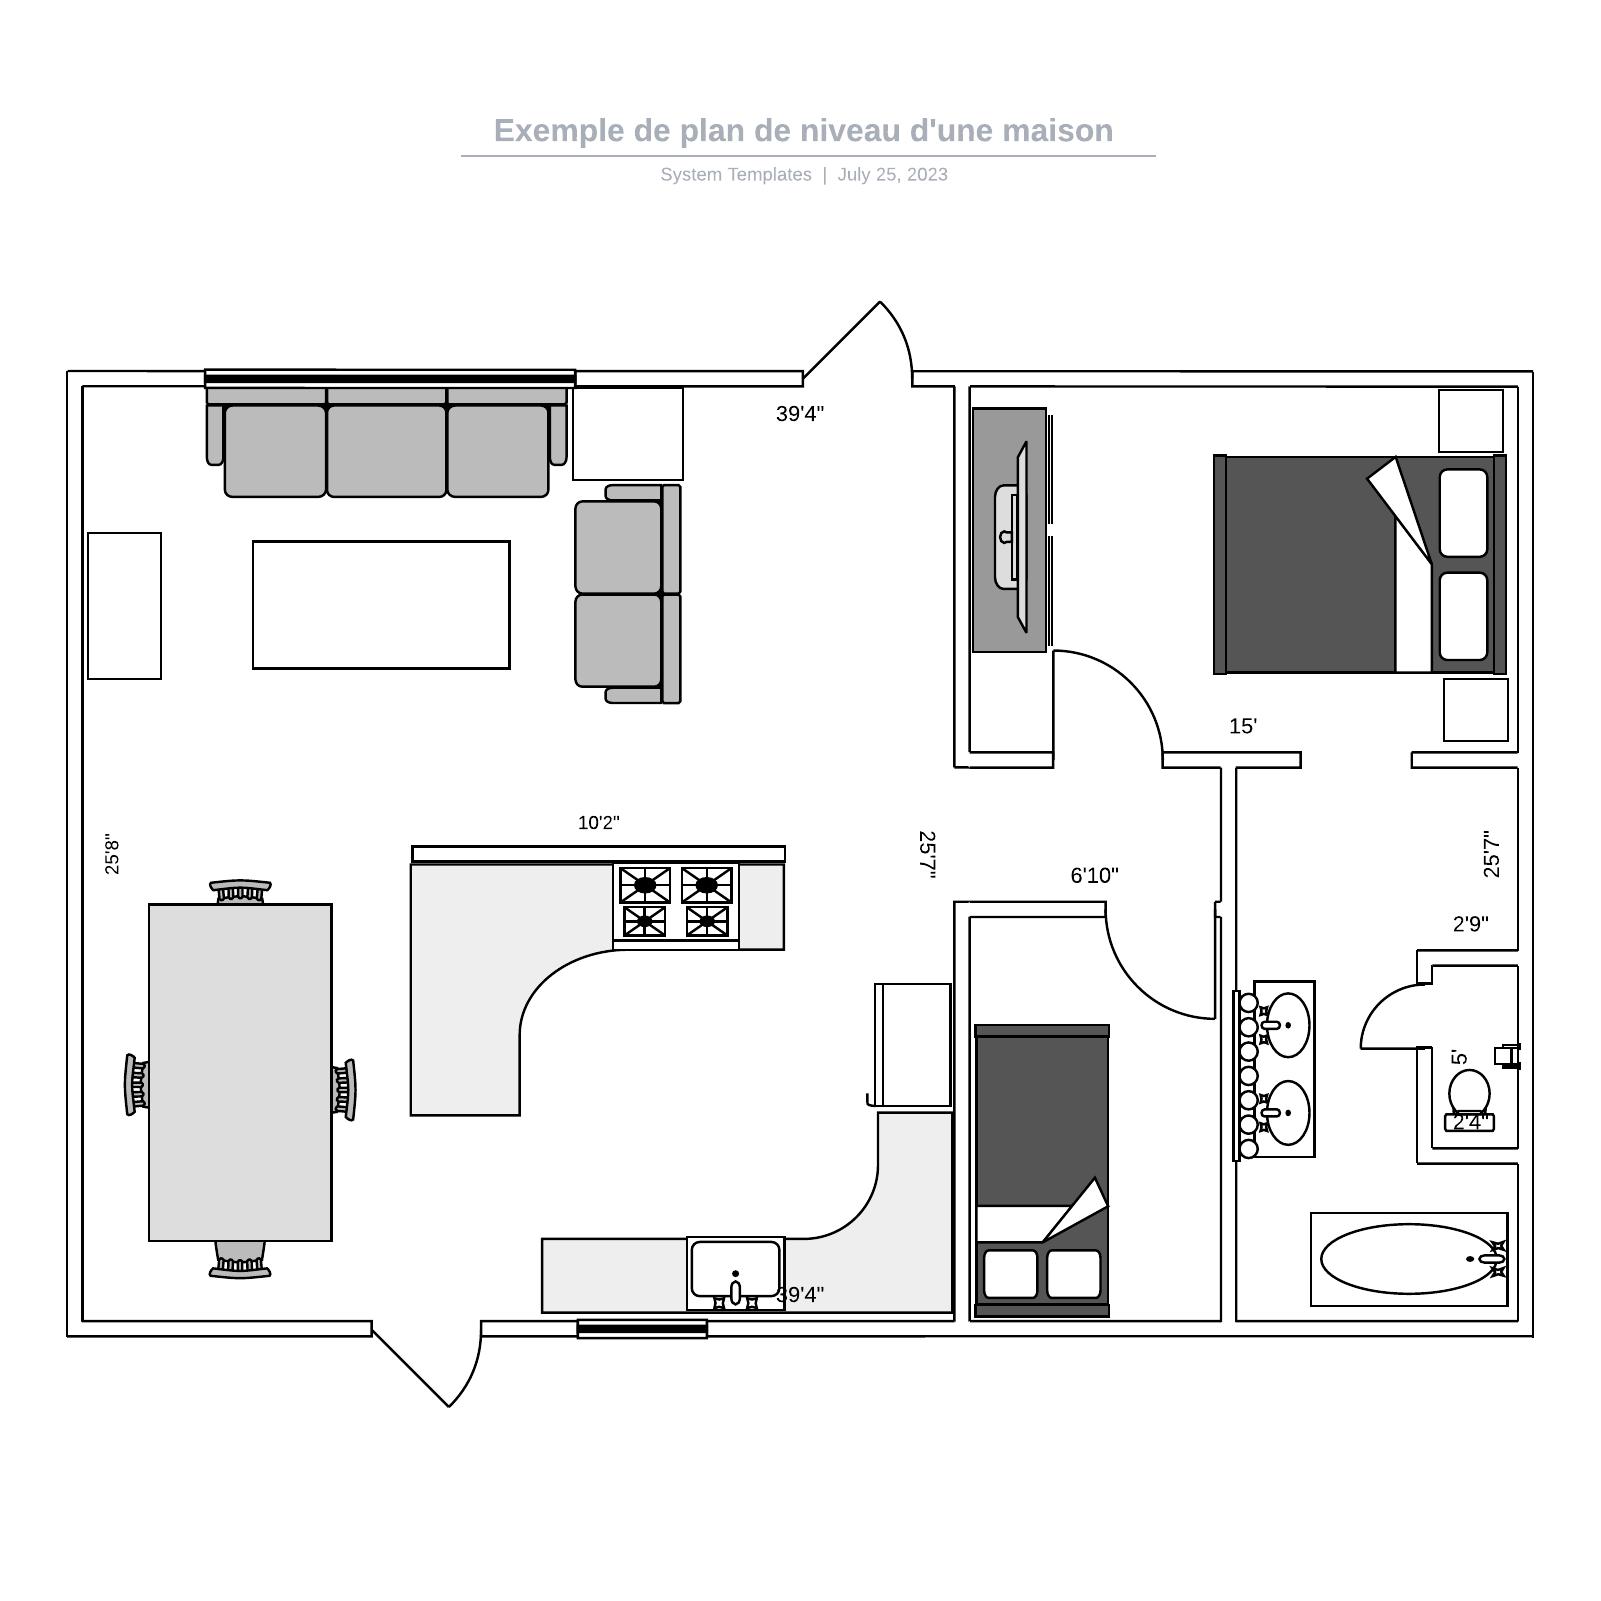 exemple de plan de niveau de maison